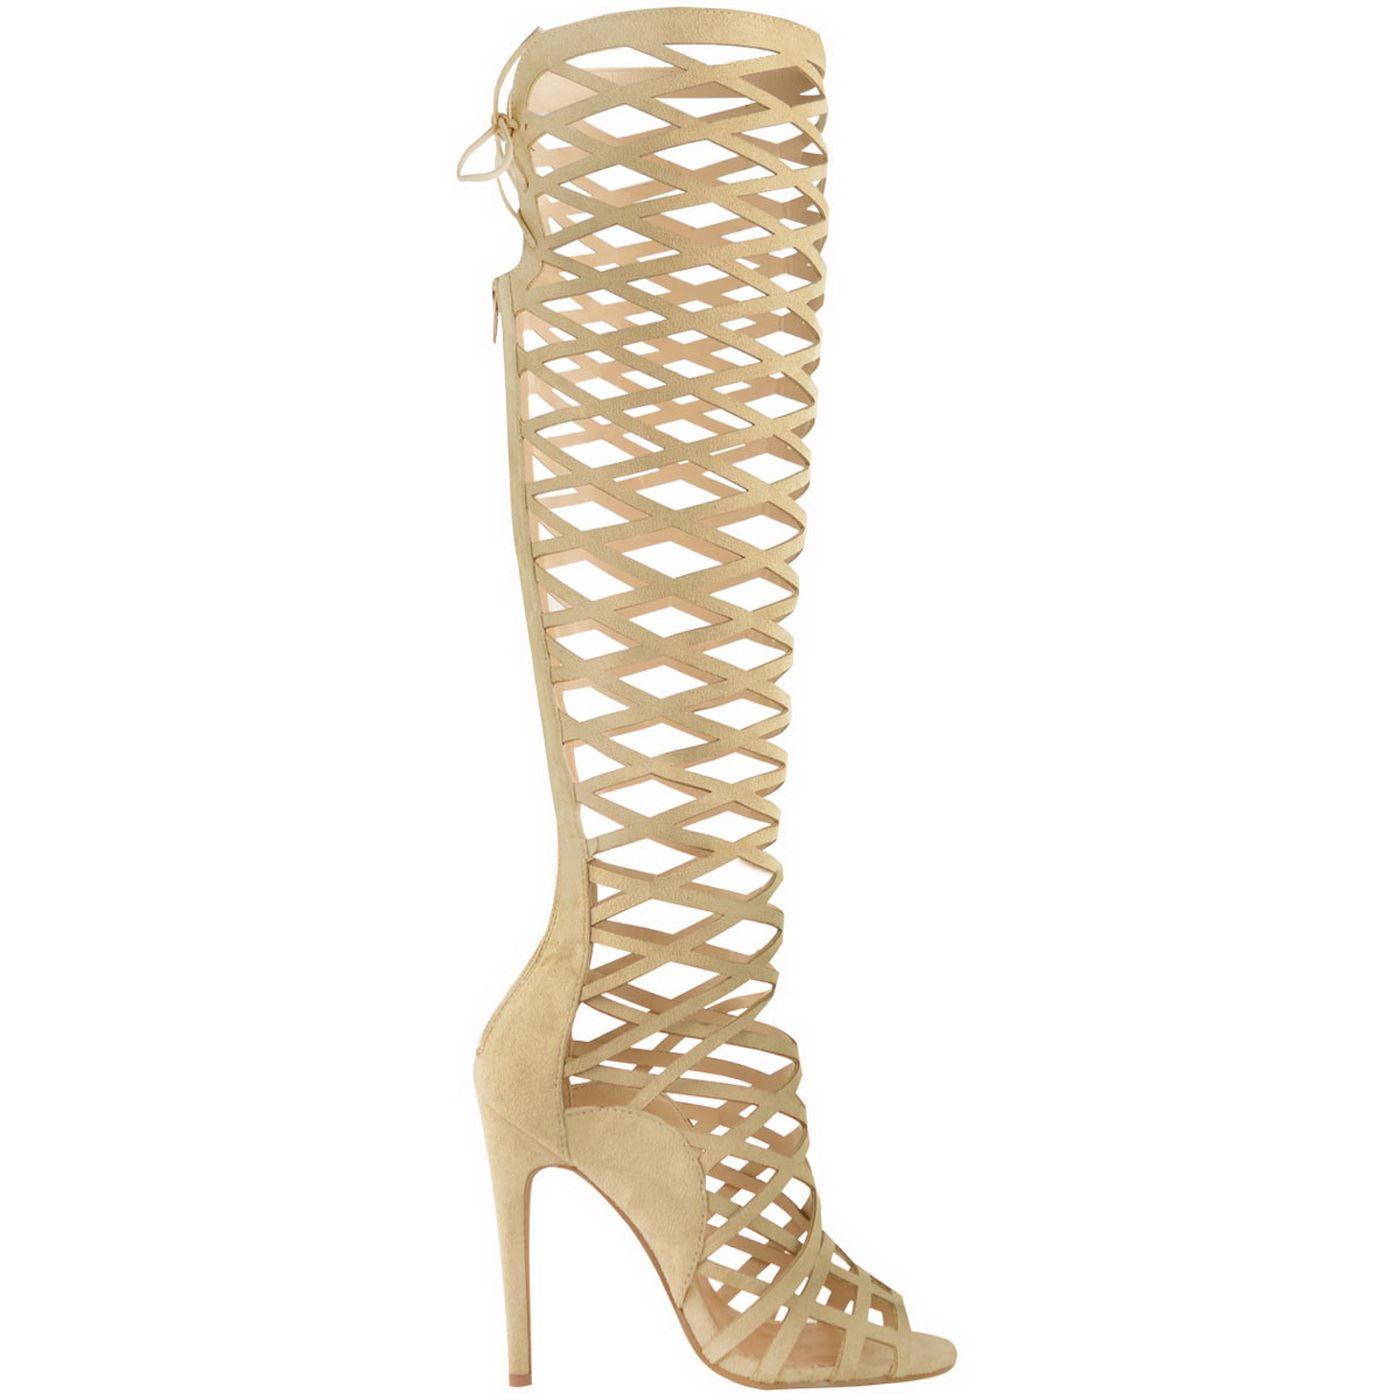 Knee High Gladiator Heel Sandals